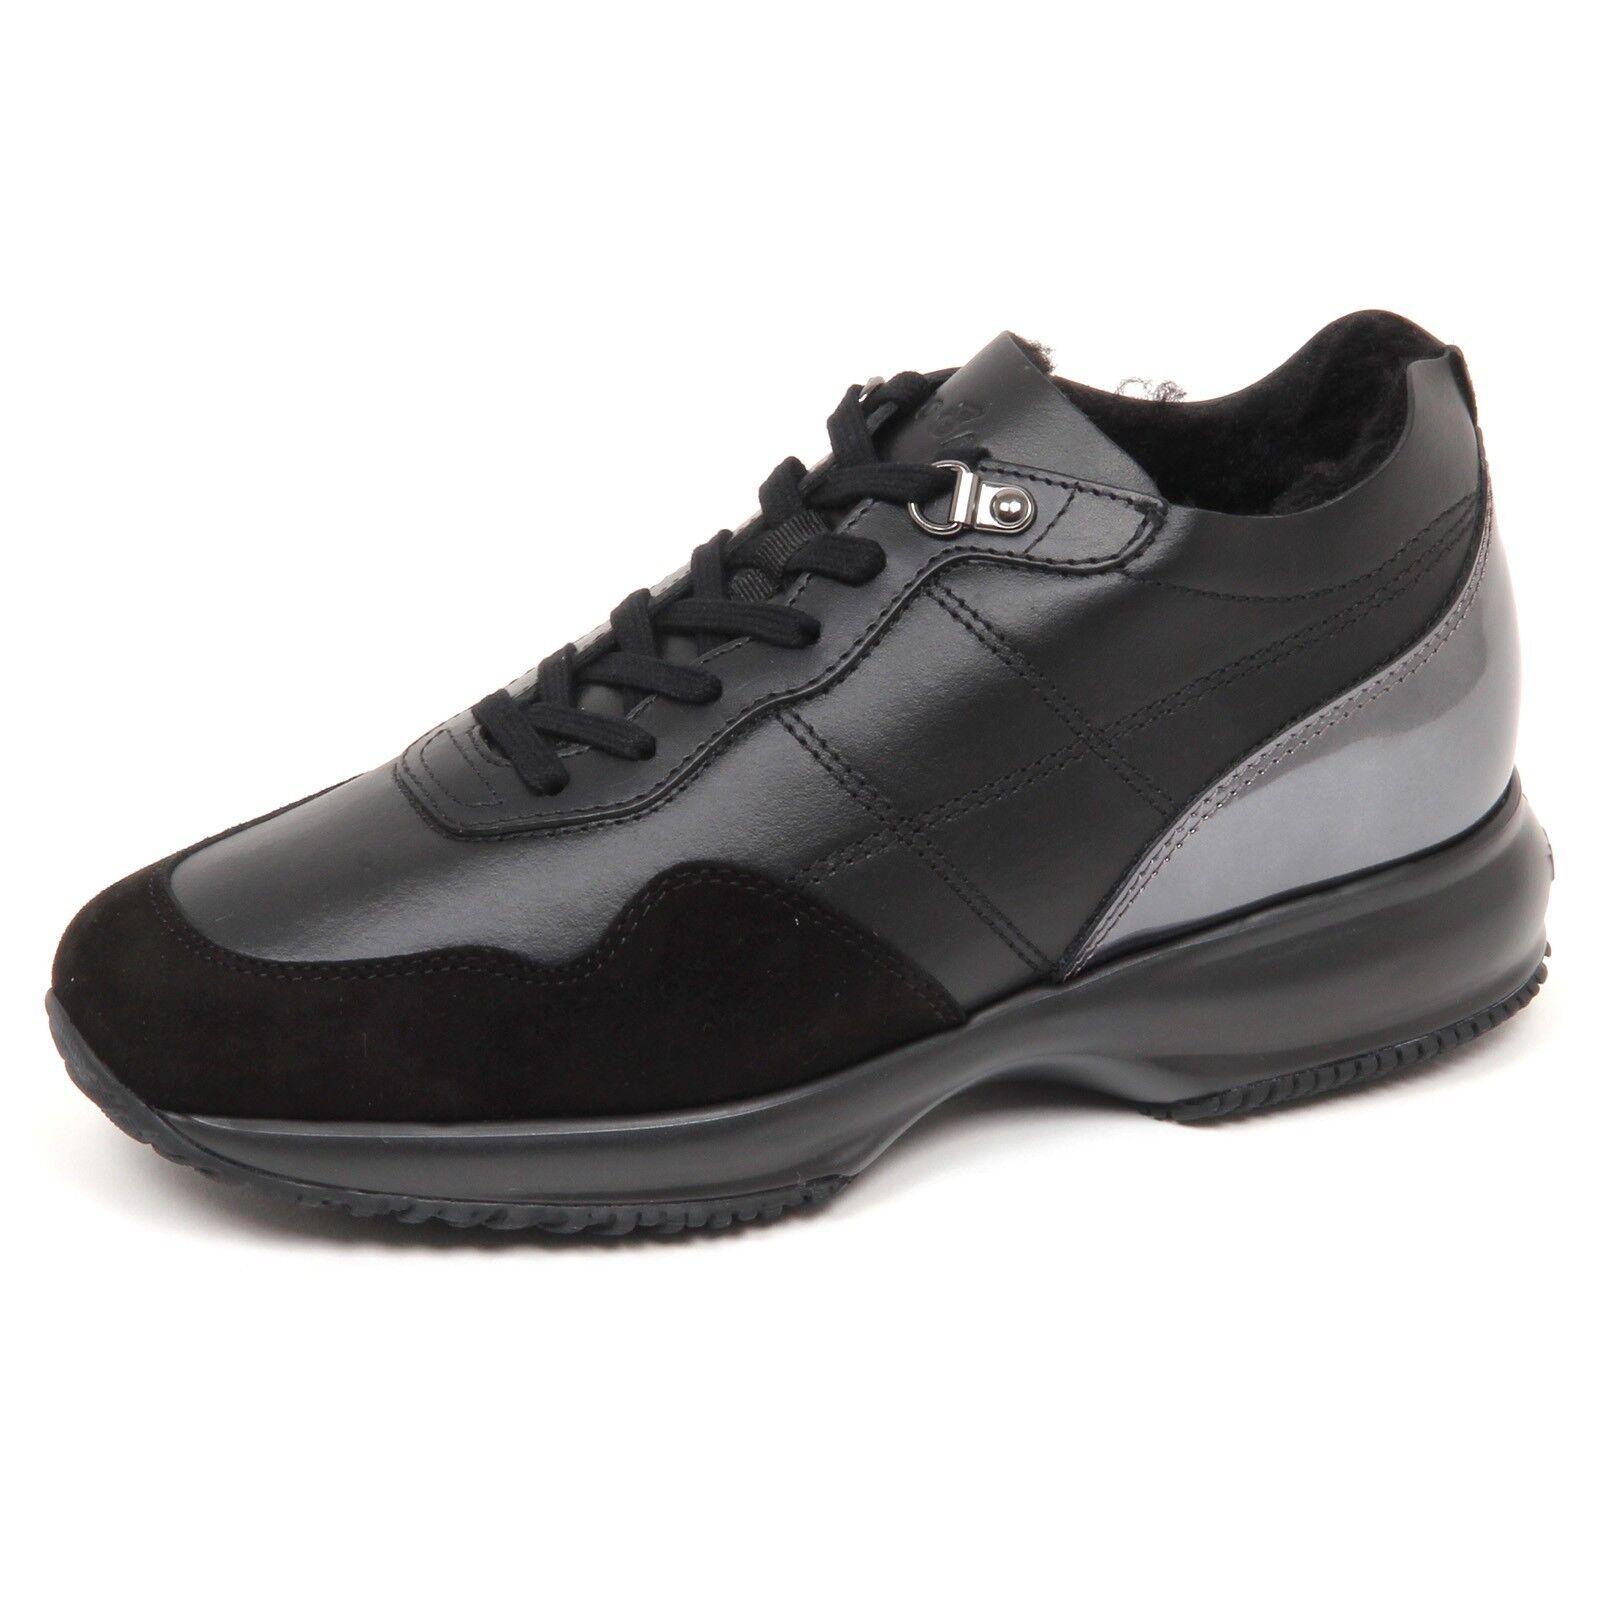 Casual salvaje Barato y cómodo E4818 sneaker donna nero HOGAN INTERACTIVE scarpe interno ecopelo shoe woman